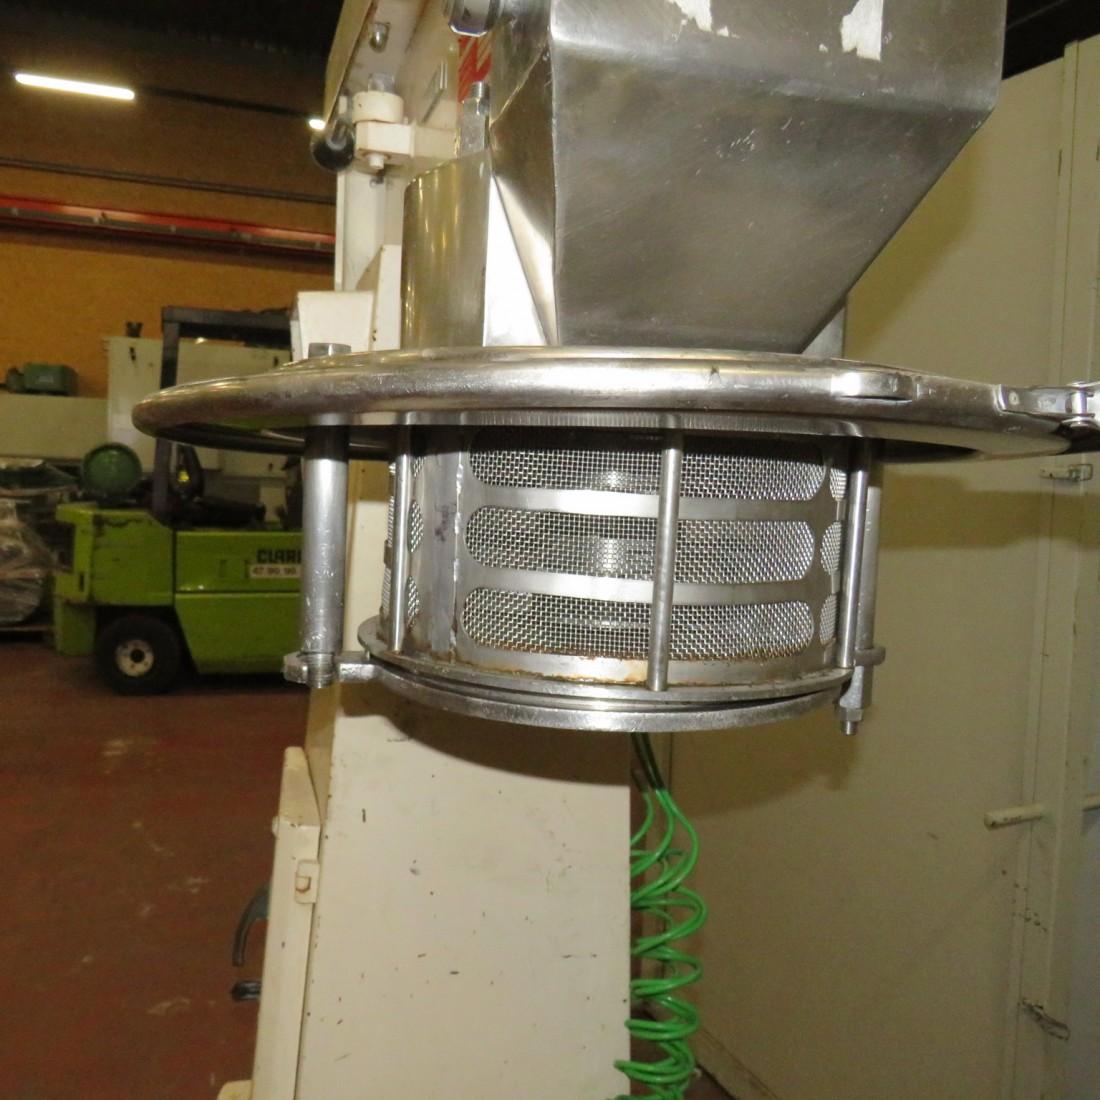 R6BG791 Broyeur granulateur en inox SHARPLES-STOKES type 44F